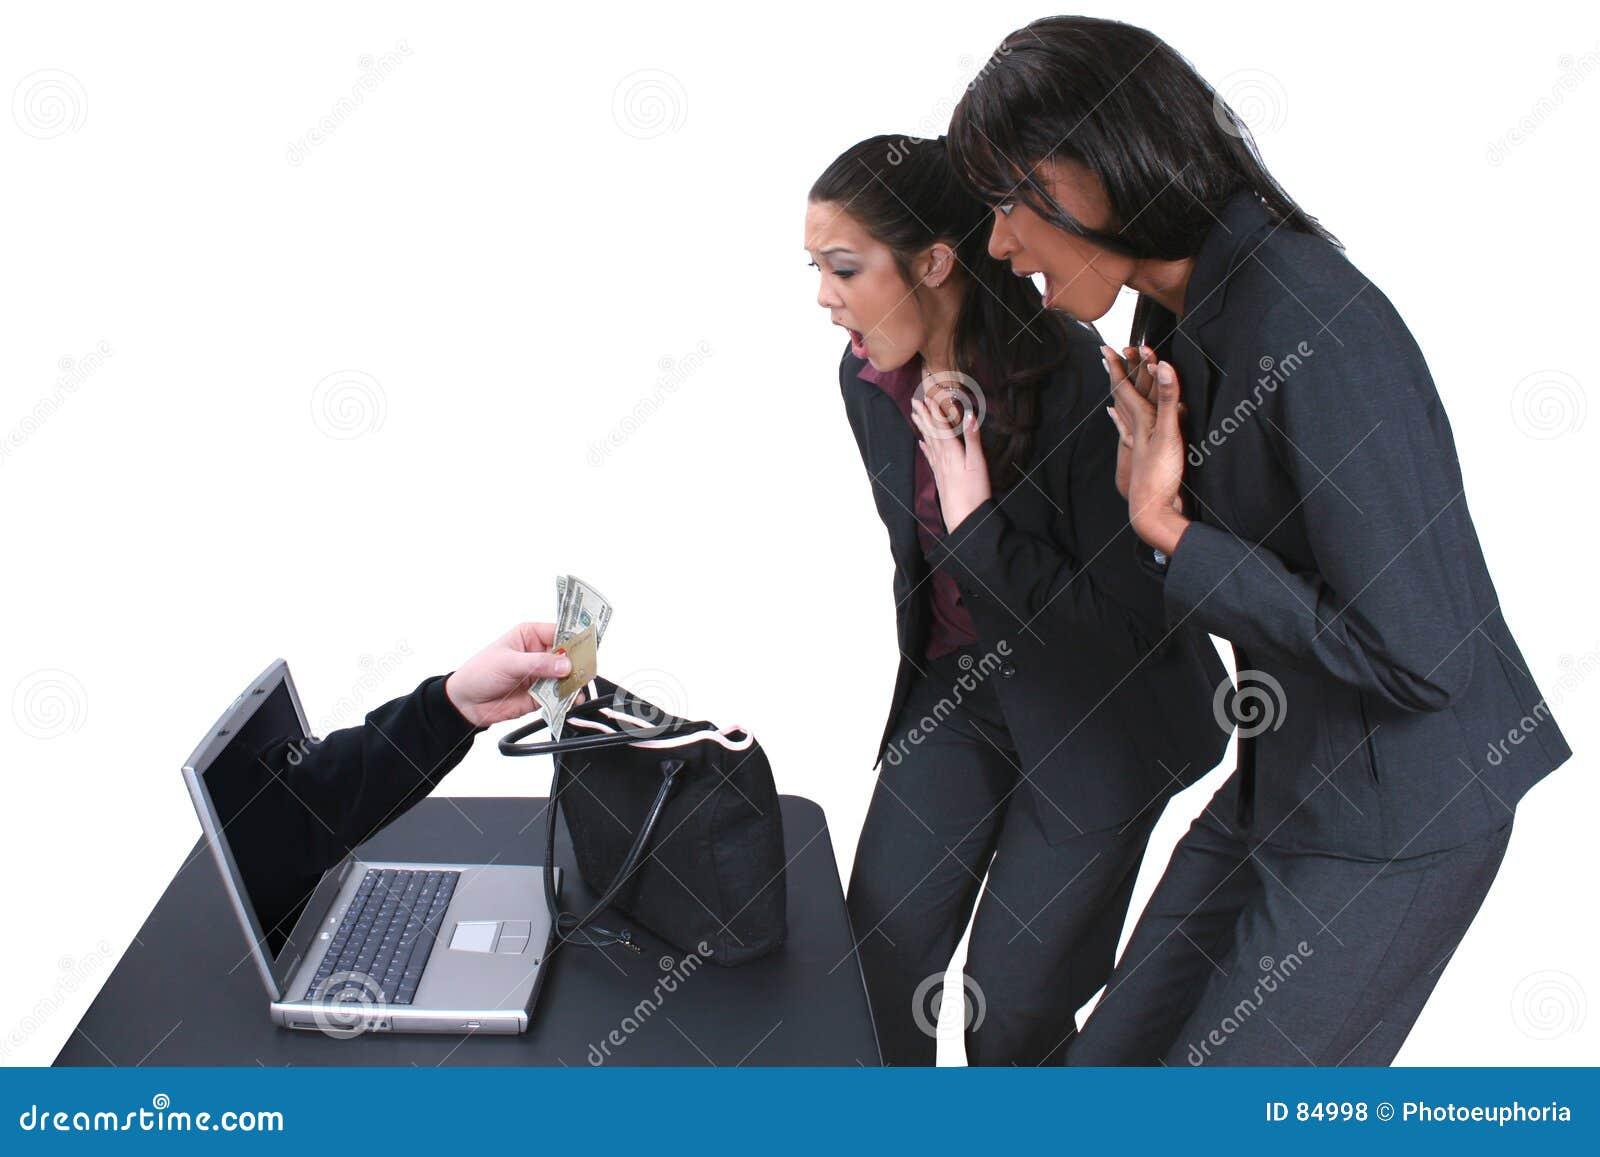 Computer-und Internet-Sicherheit